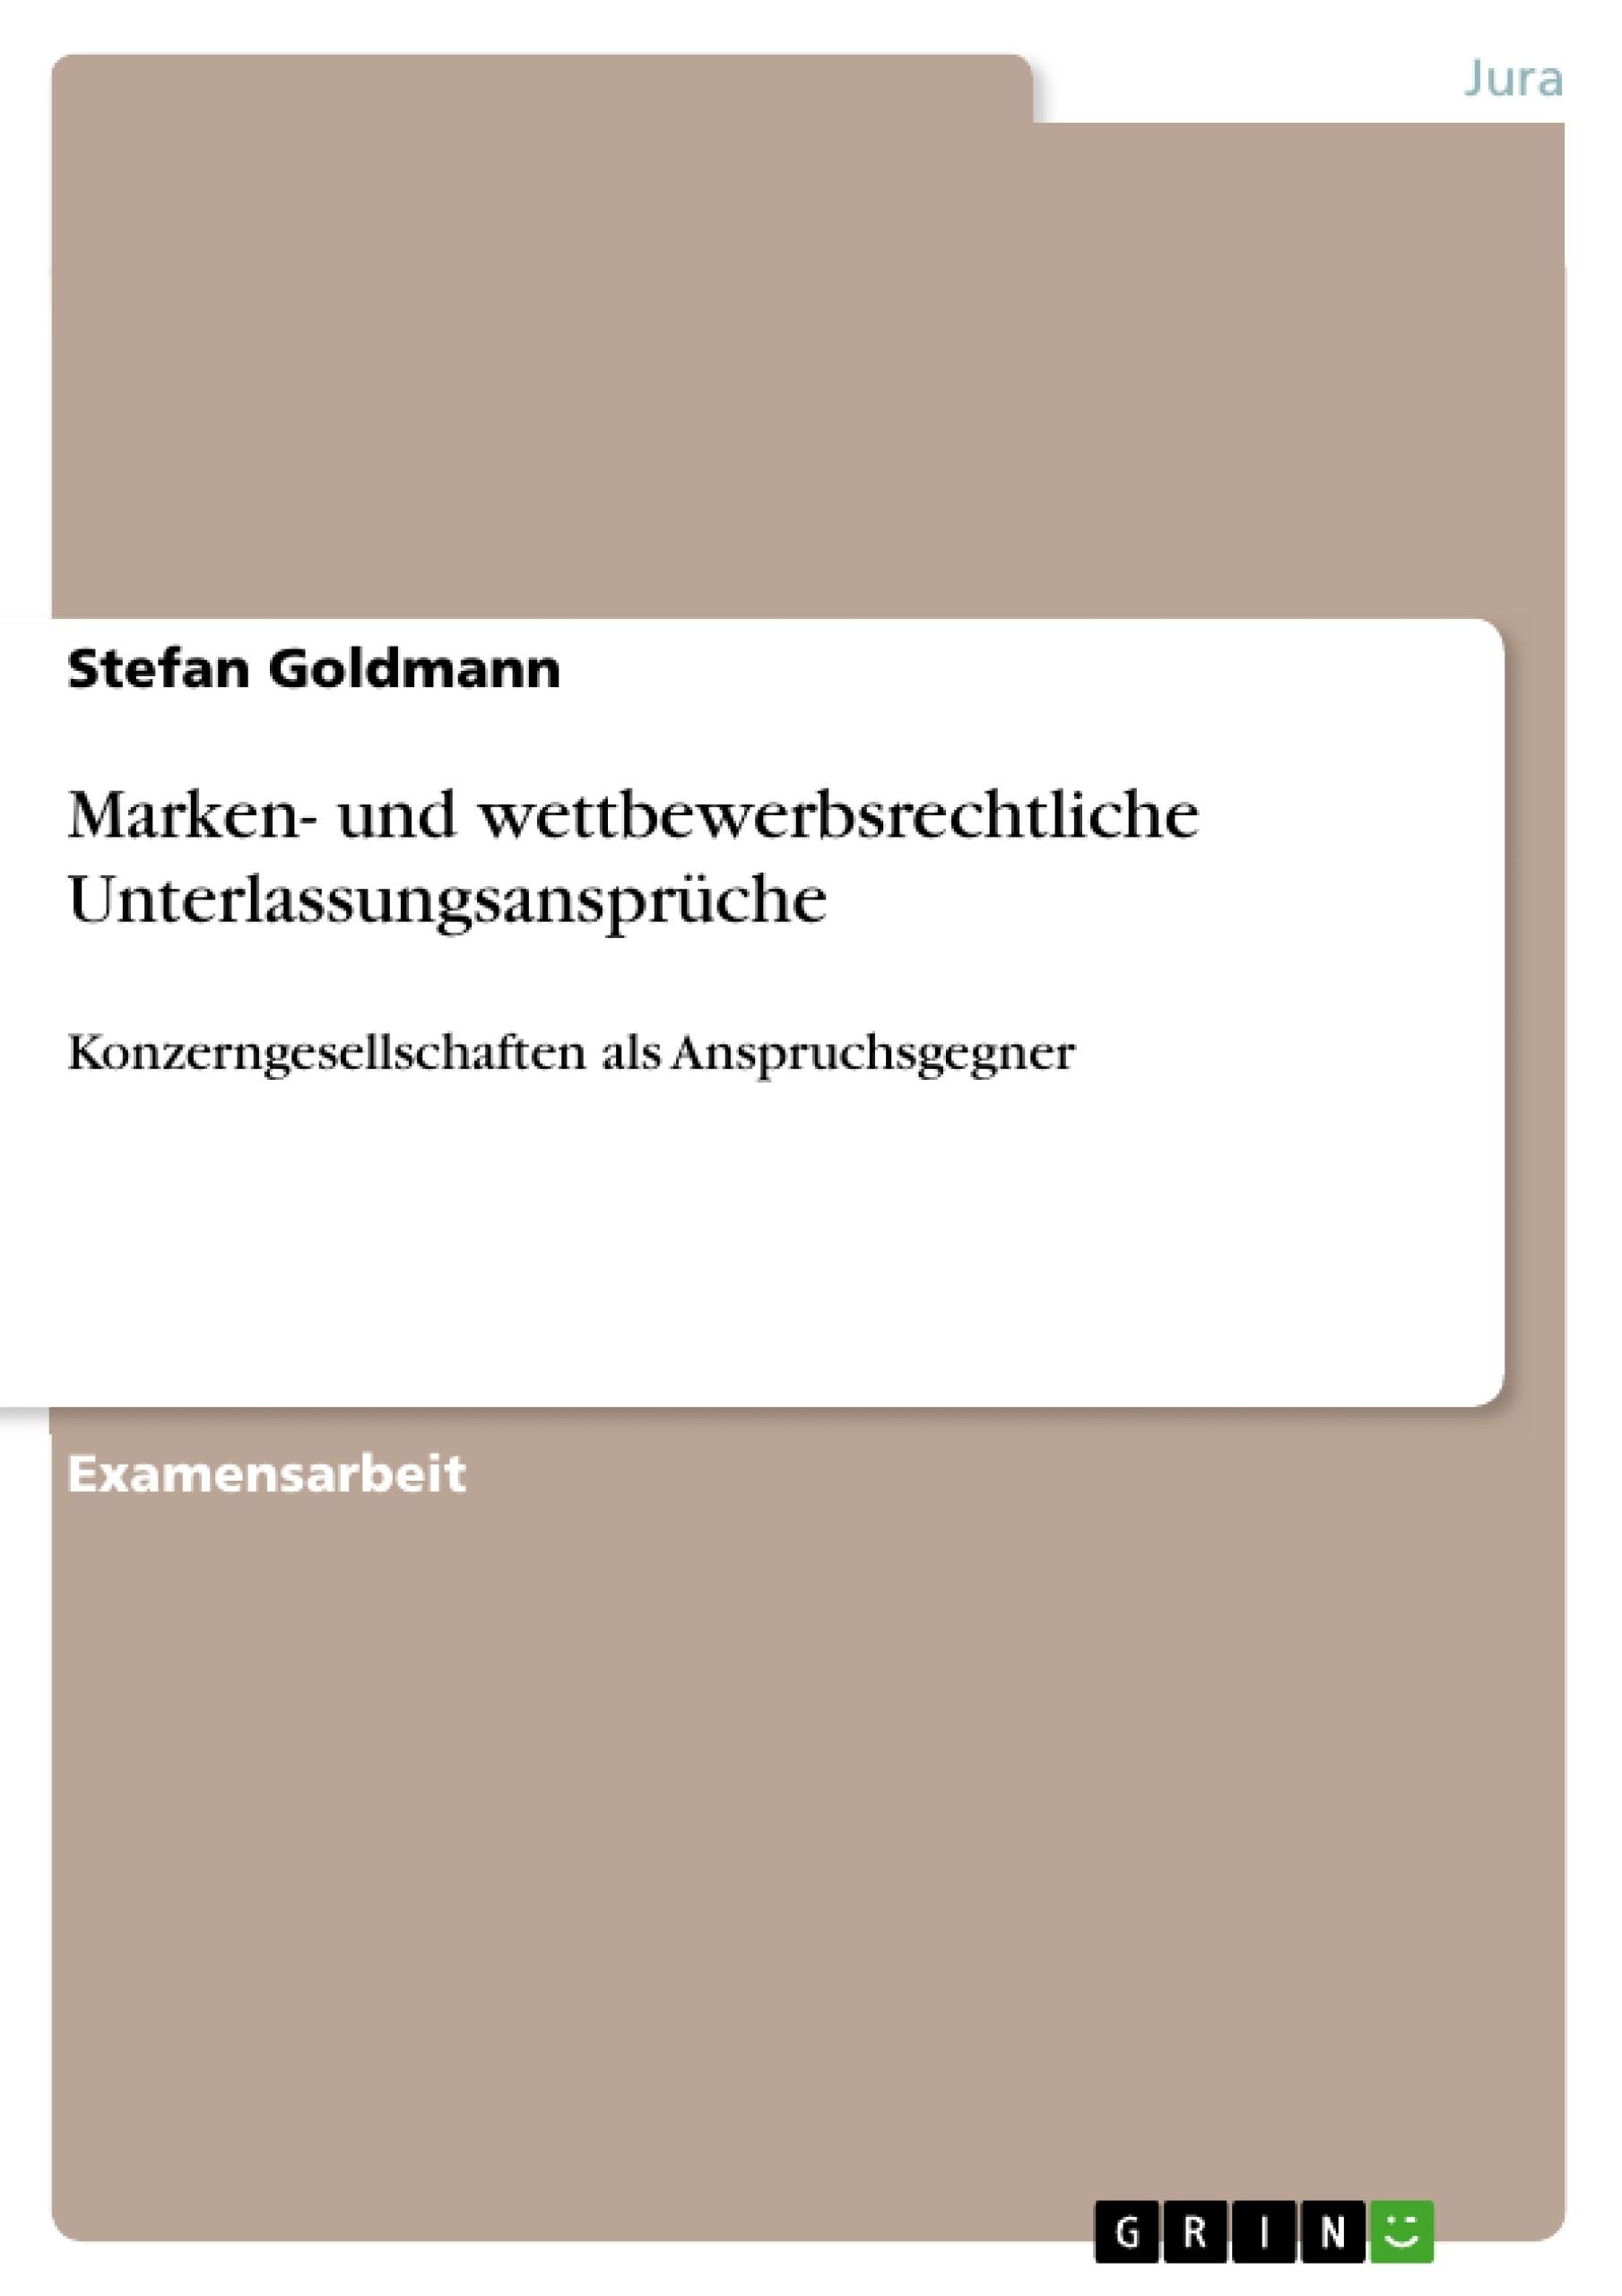 Titel: Marken- und wettbewerbsrechtliche Unterlassungsansprüche